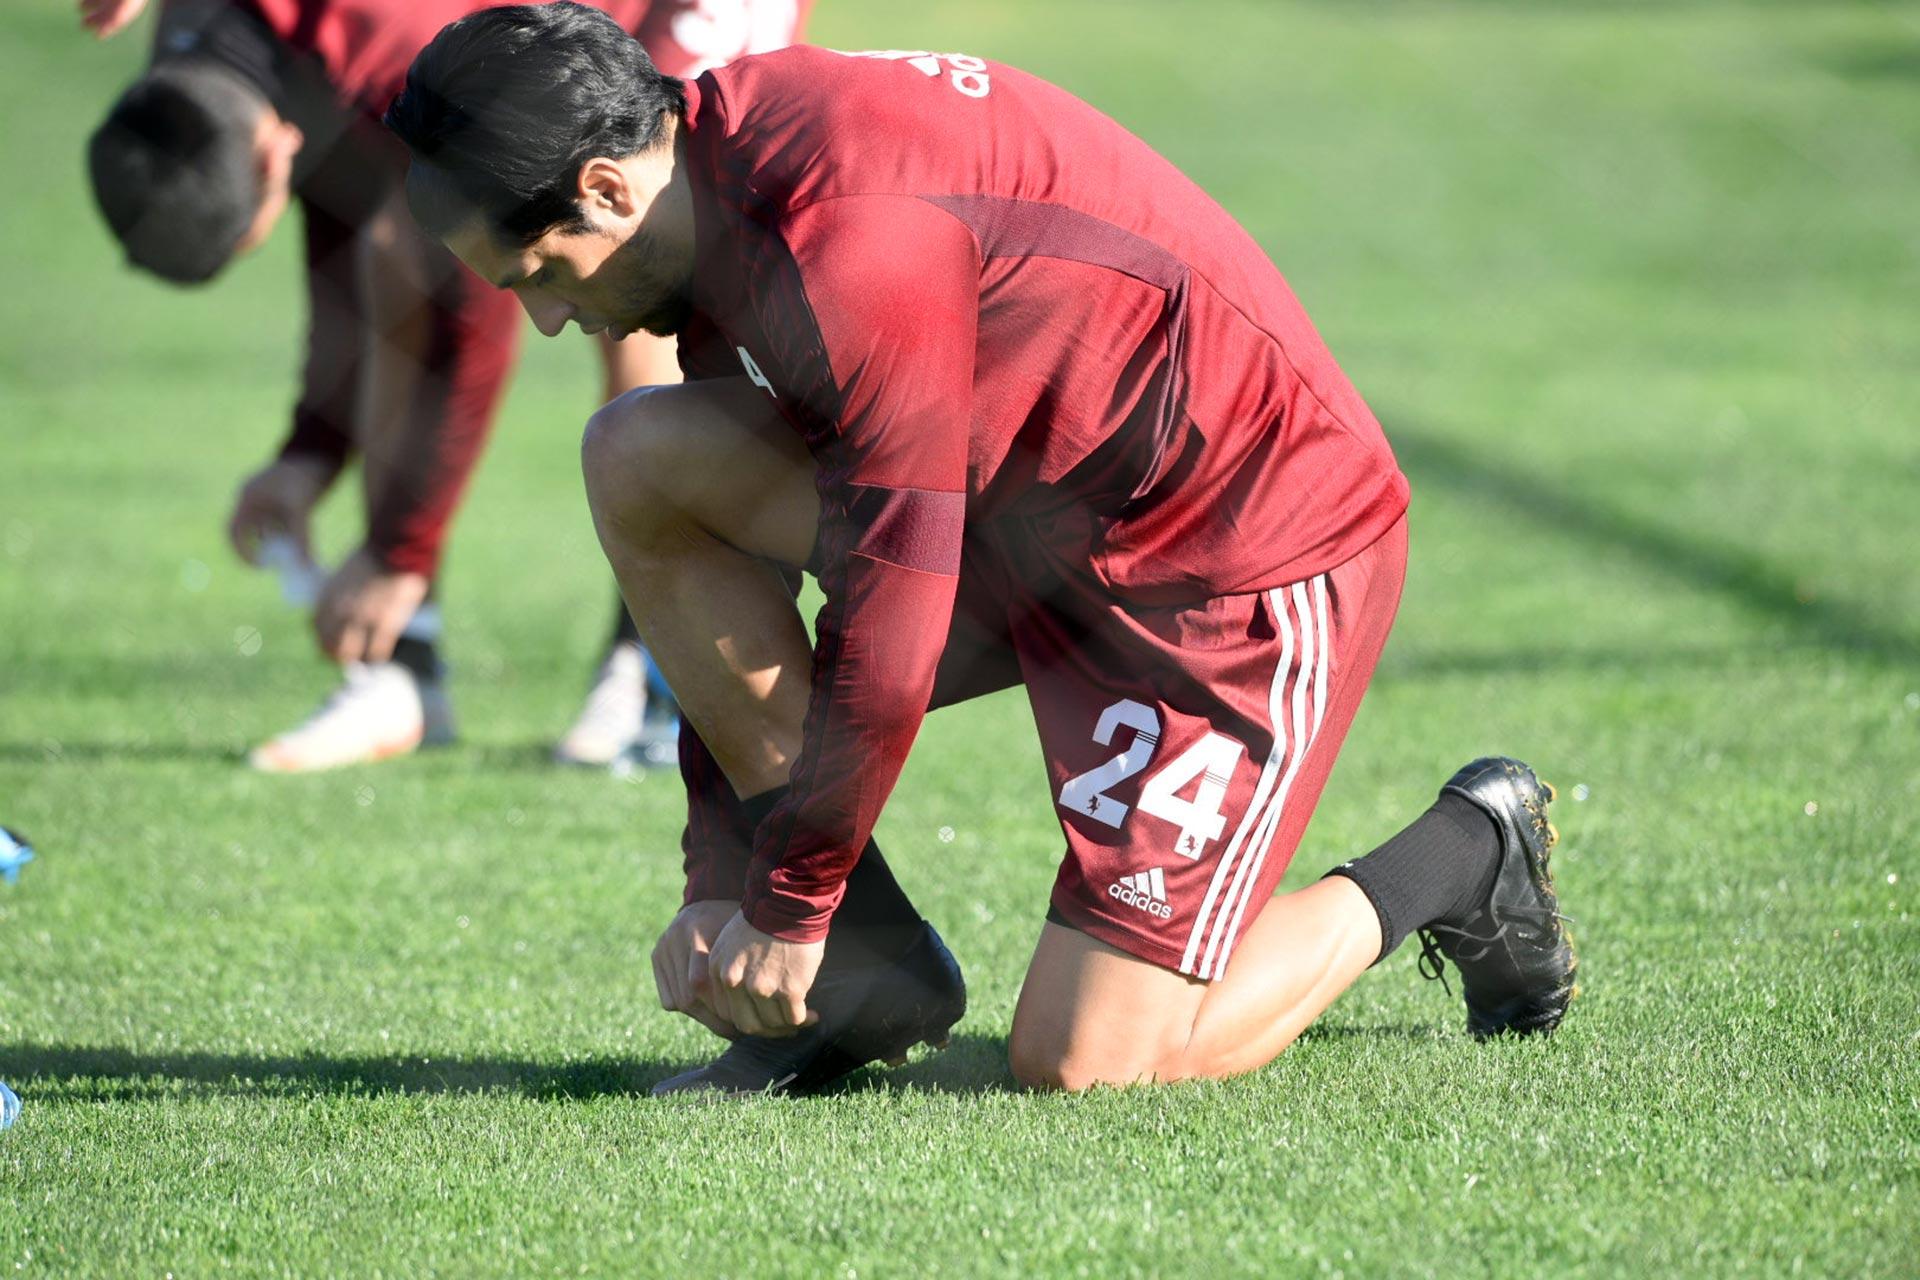 Luego de casi cinco meses de inactividad, el Millonario volvió a los entrenamientos este lunes en el River Camp, el predio de Ezeiza que cuenta con 14 hectáreas y 7 canchas de fútbol